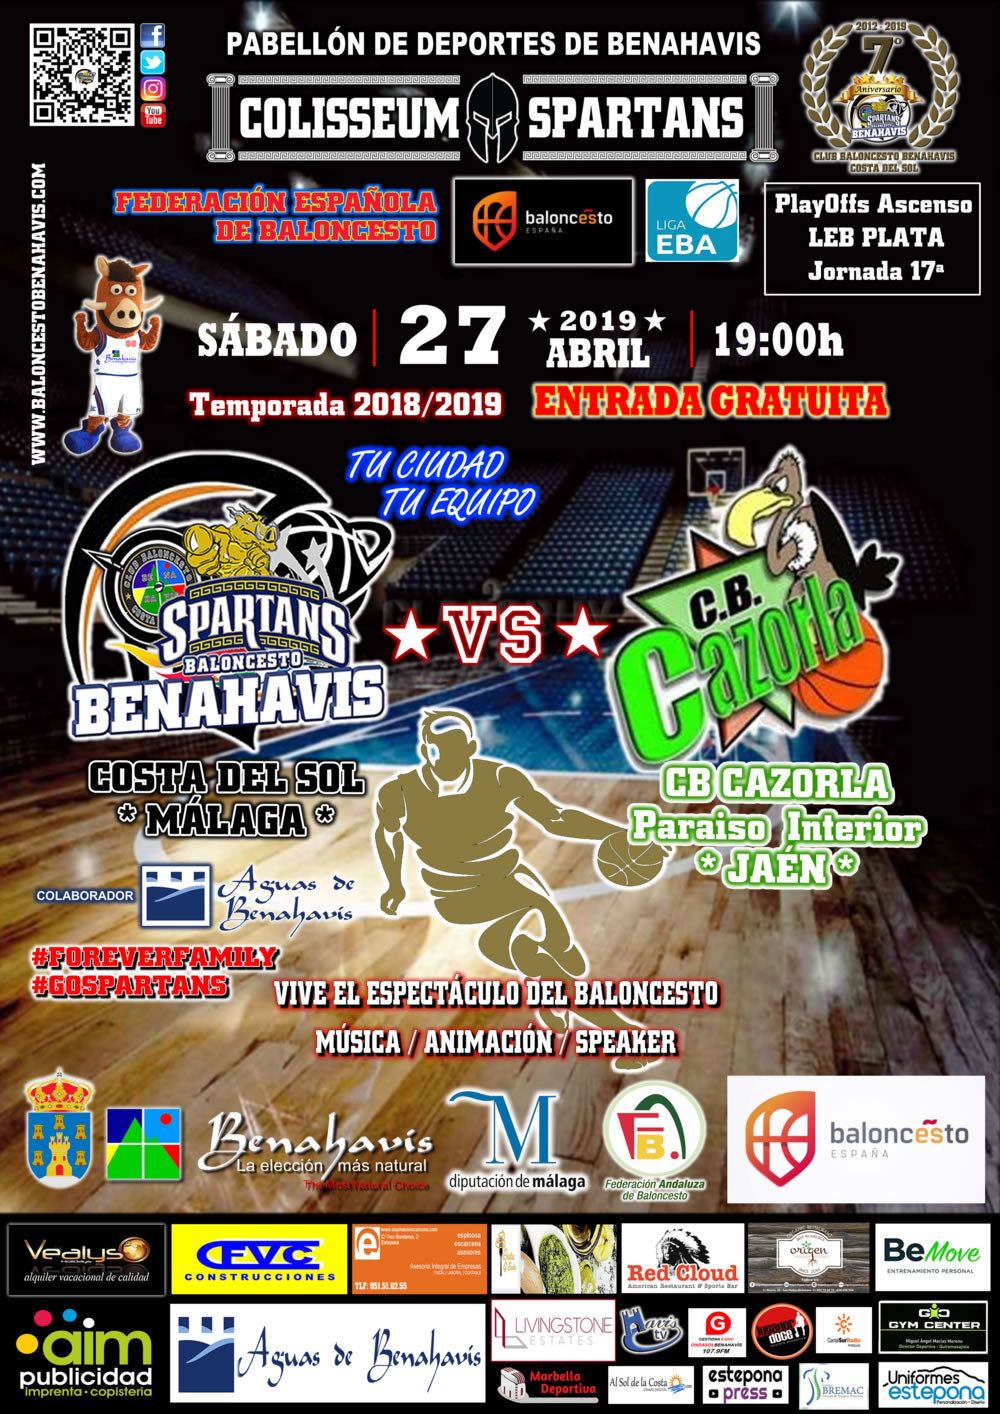 EBA D-Clasificación | J 17ª . 2018/19 | CB Benahavís Costa del Sol vs CB Cazorla Jaen Paraiso Interior @ Pabellón Deportes Benahavís